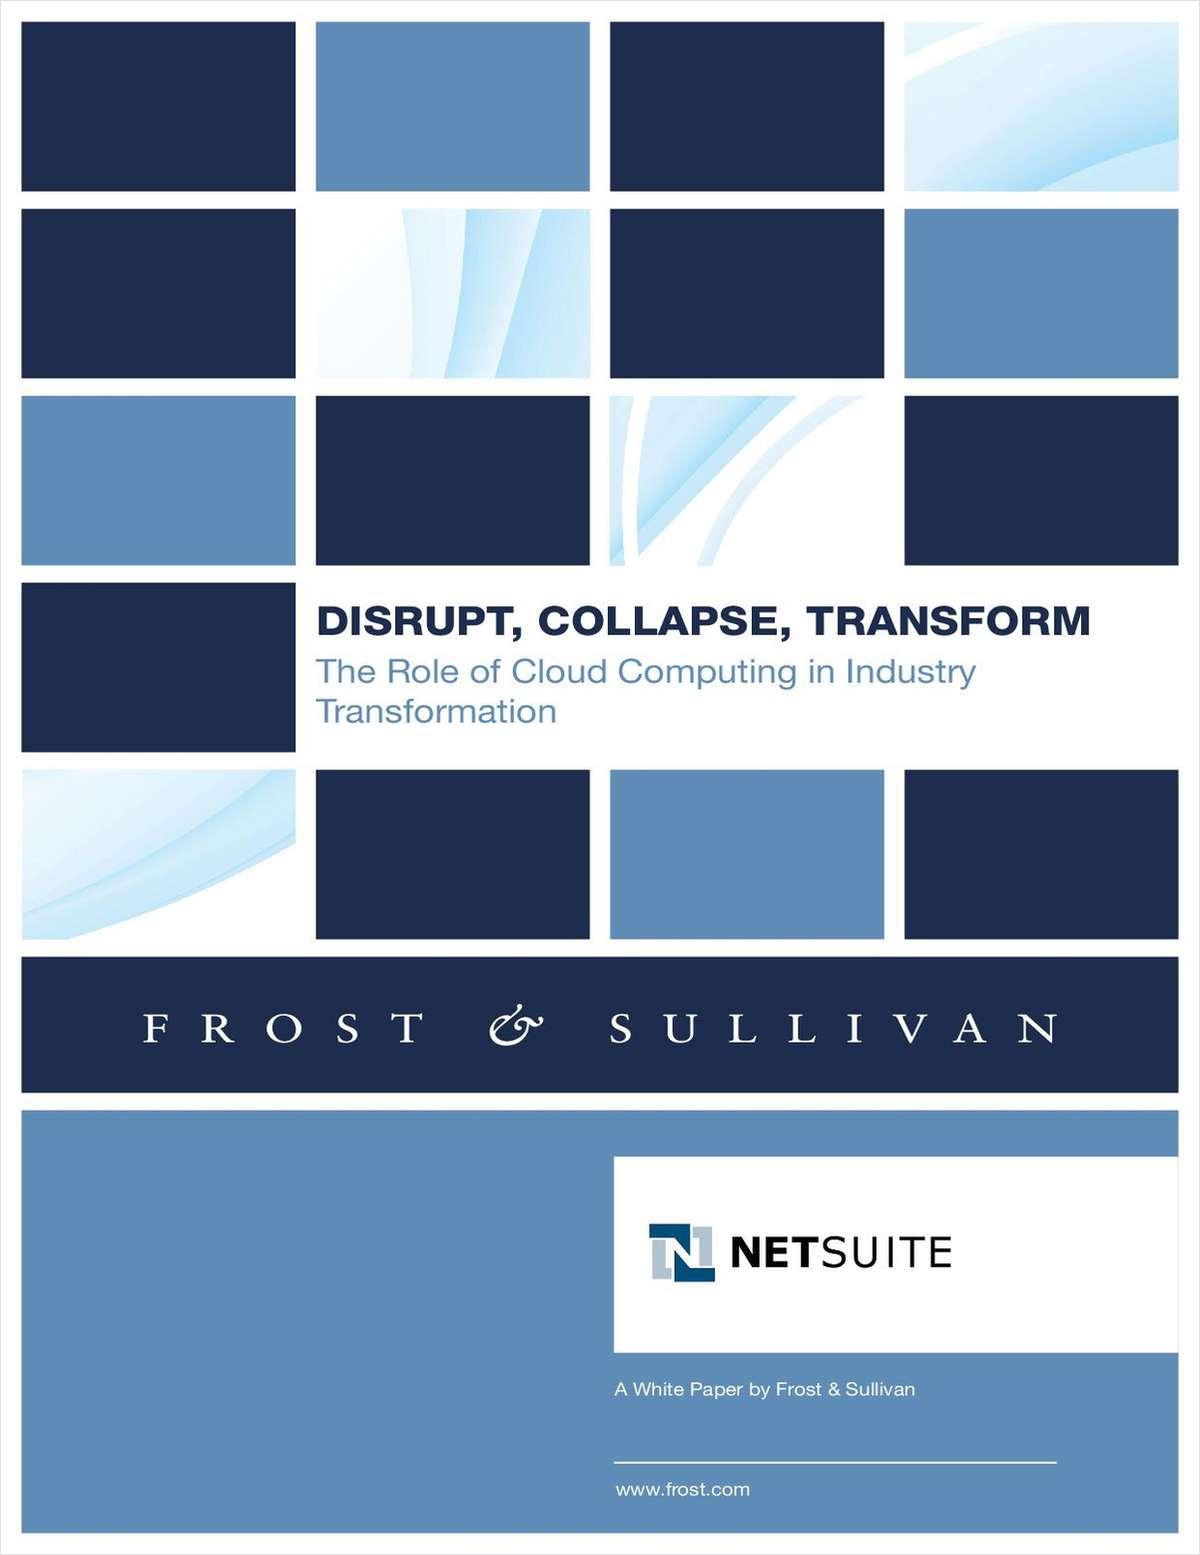 Frost & Sullivan: Disrupt, Collapse, Transform